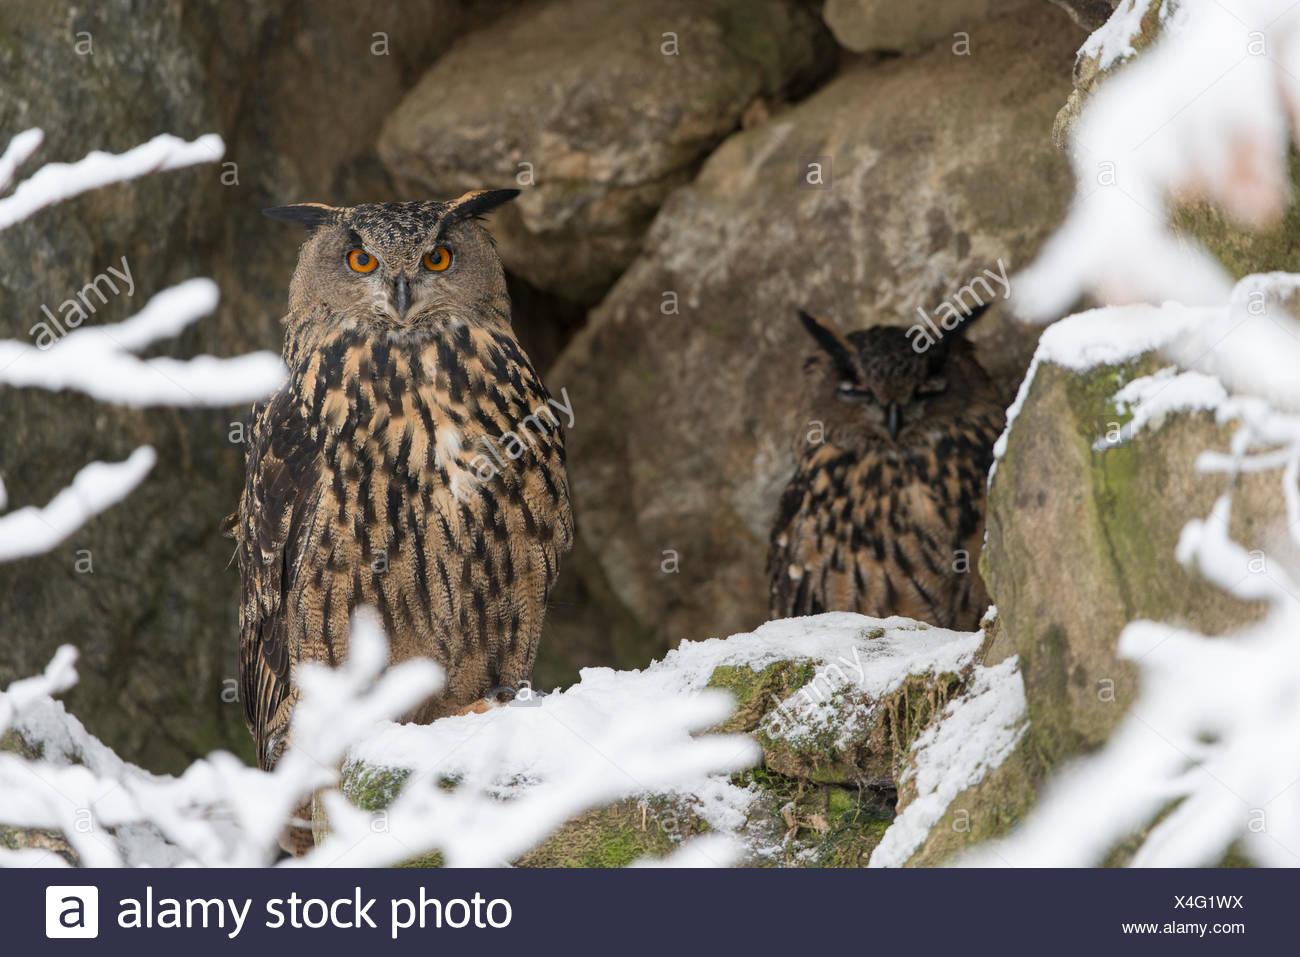 Zwei Uhu sitzen auf den Felsen hinter schneebedeckten Äste Stockbild